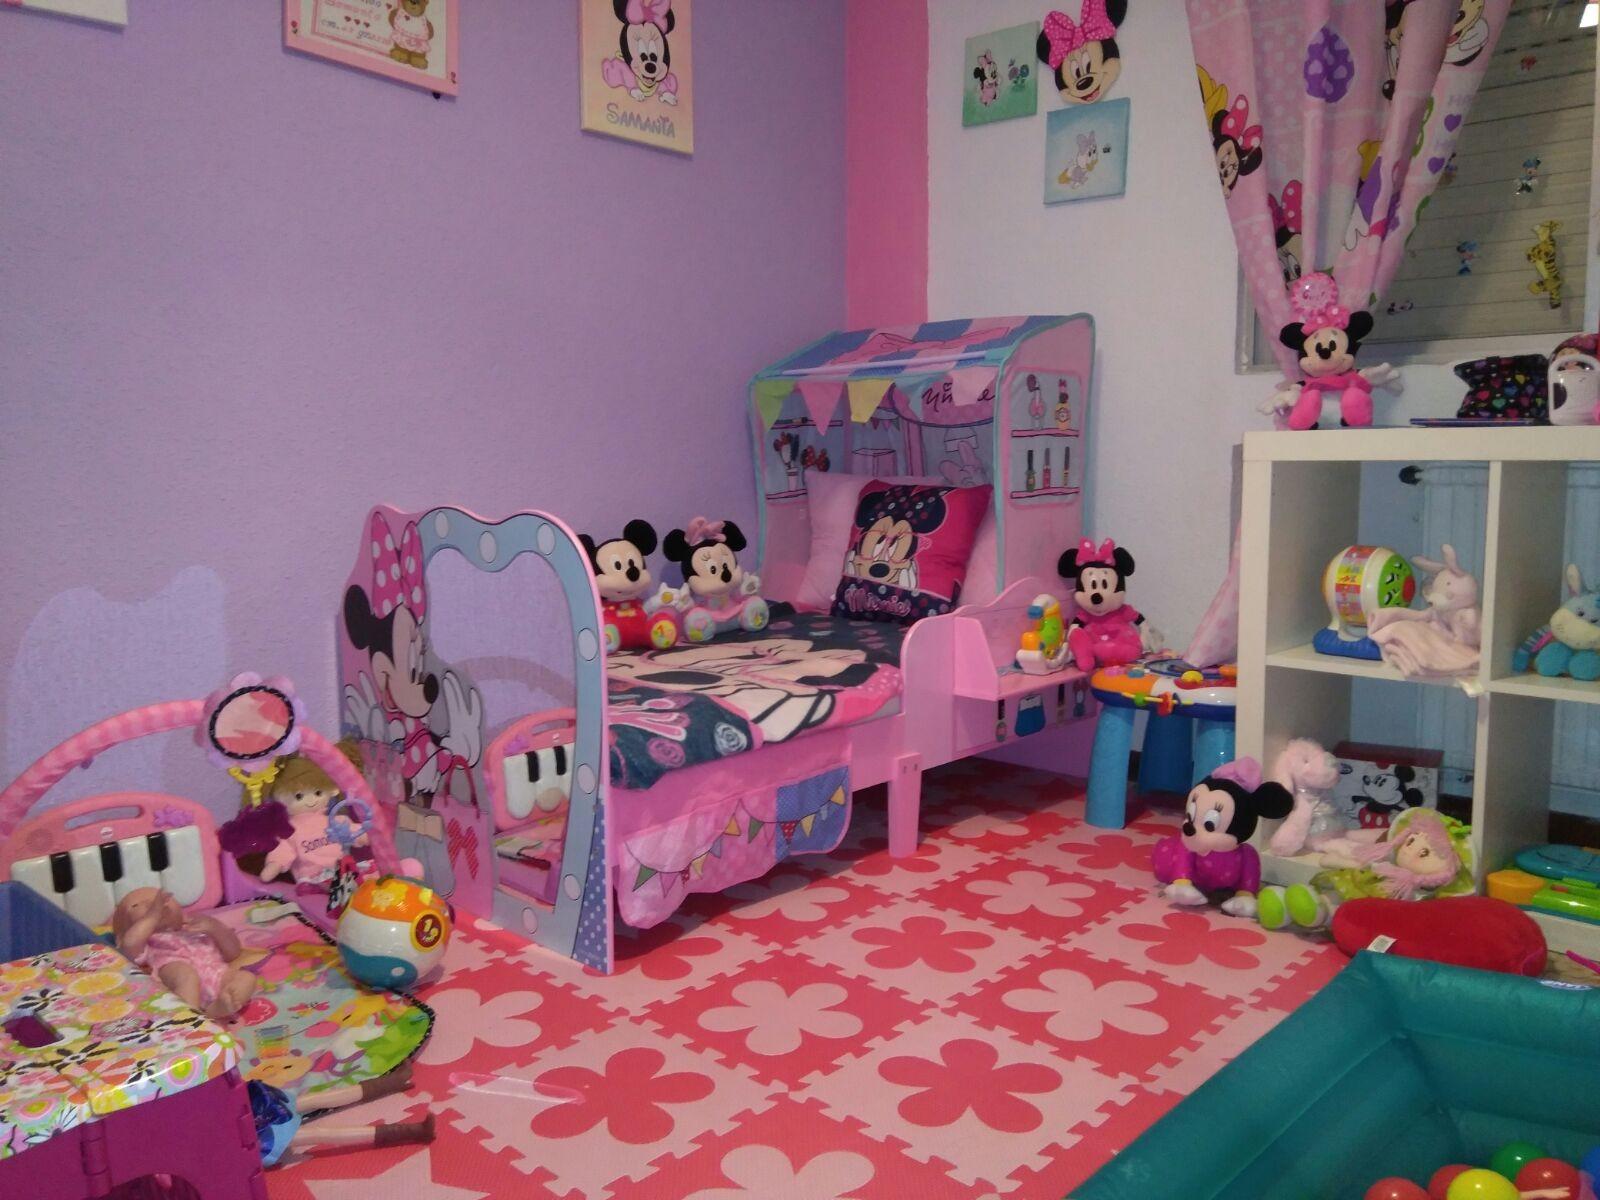 Fotos de nuestros clientes - Cama casita infantil ...